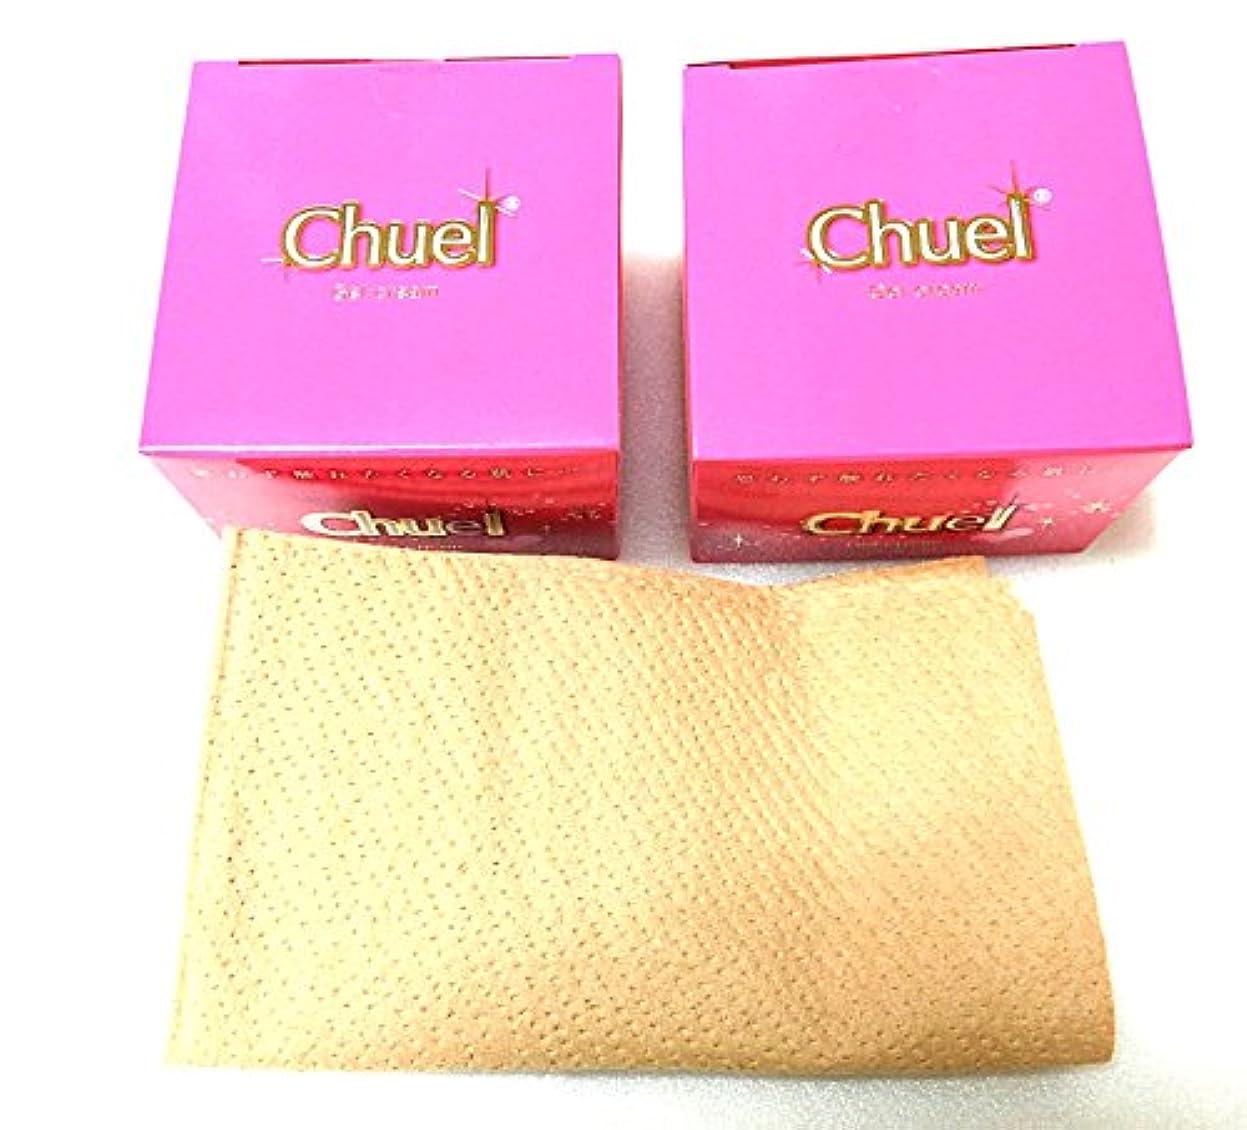 機械的にで出来ている誓いNEW Chuel(チュエル) 増量 180g 2個セット 使い捨て紙ウエス1枚付属